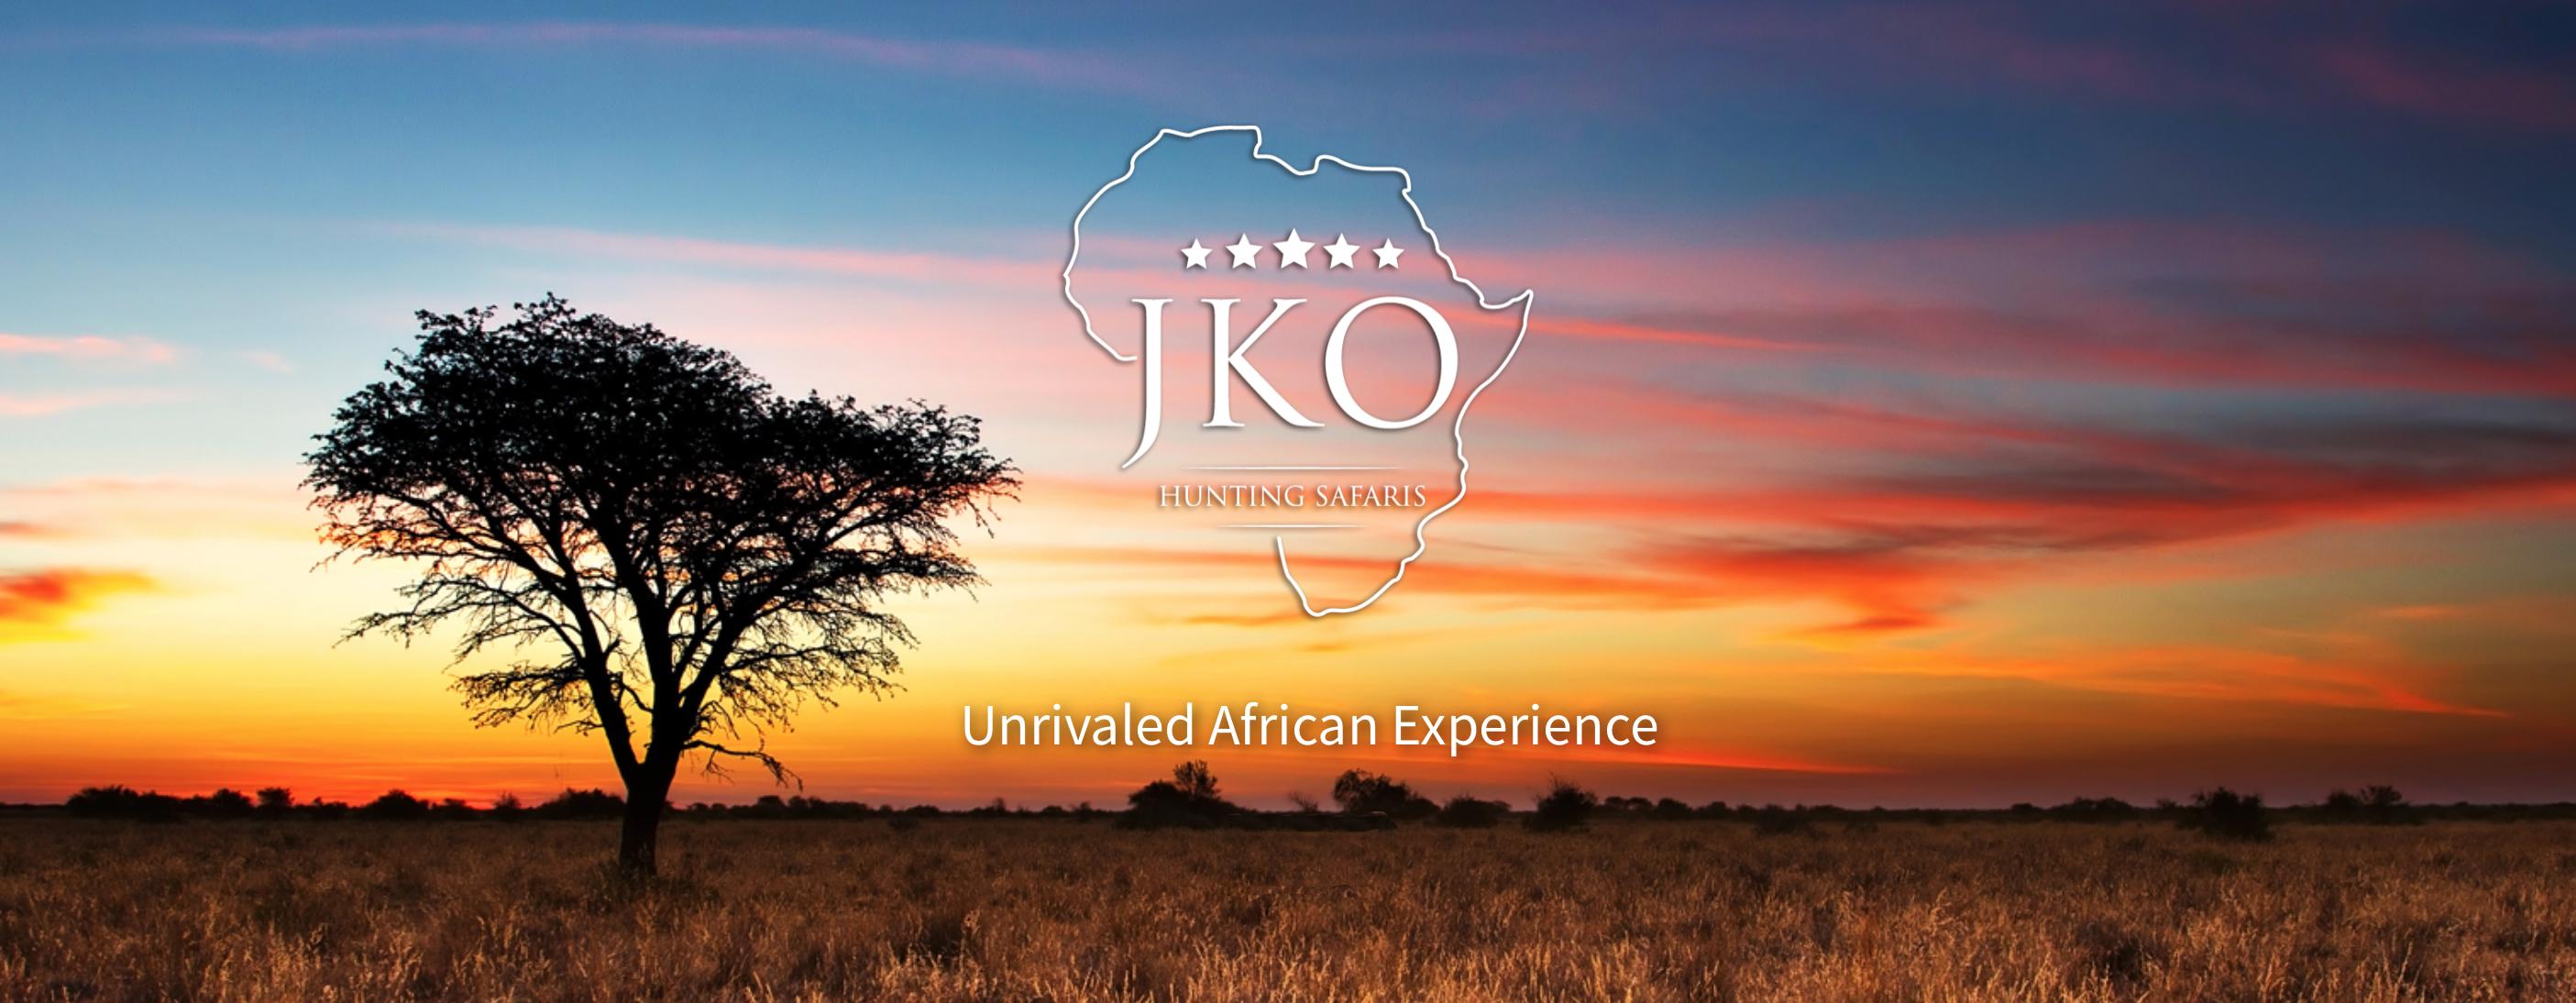 jko-hunting-safaris-jpg.263951